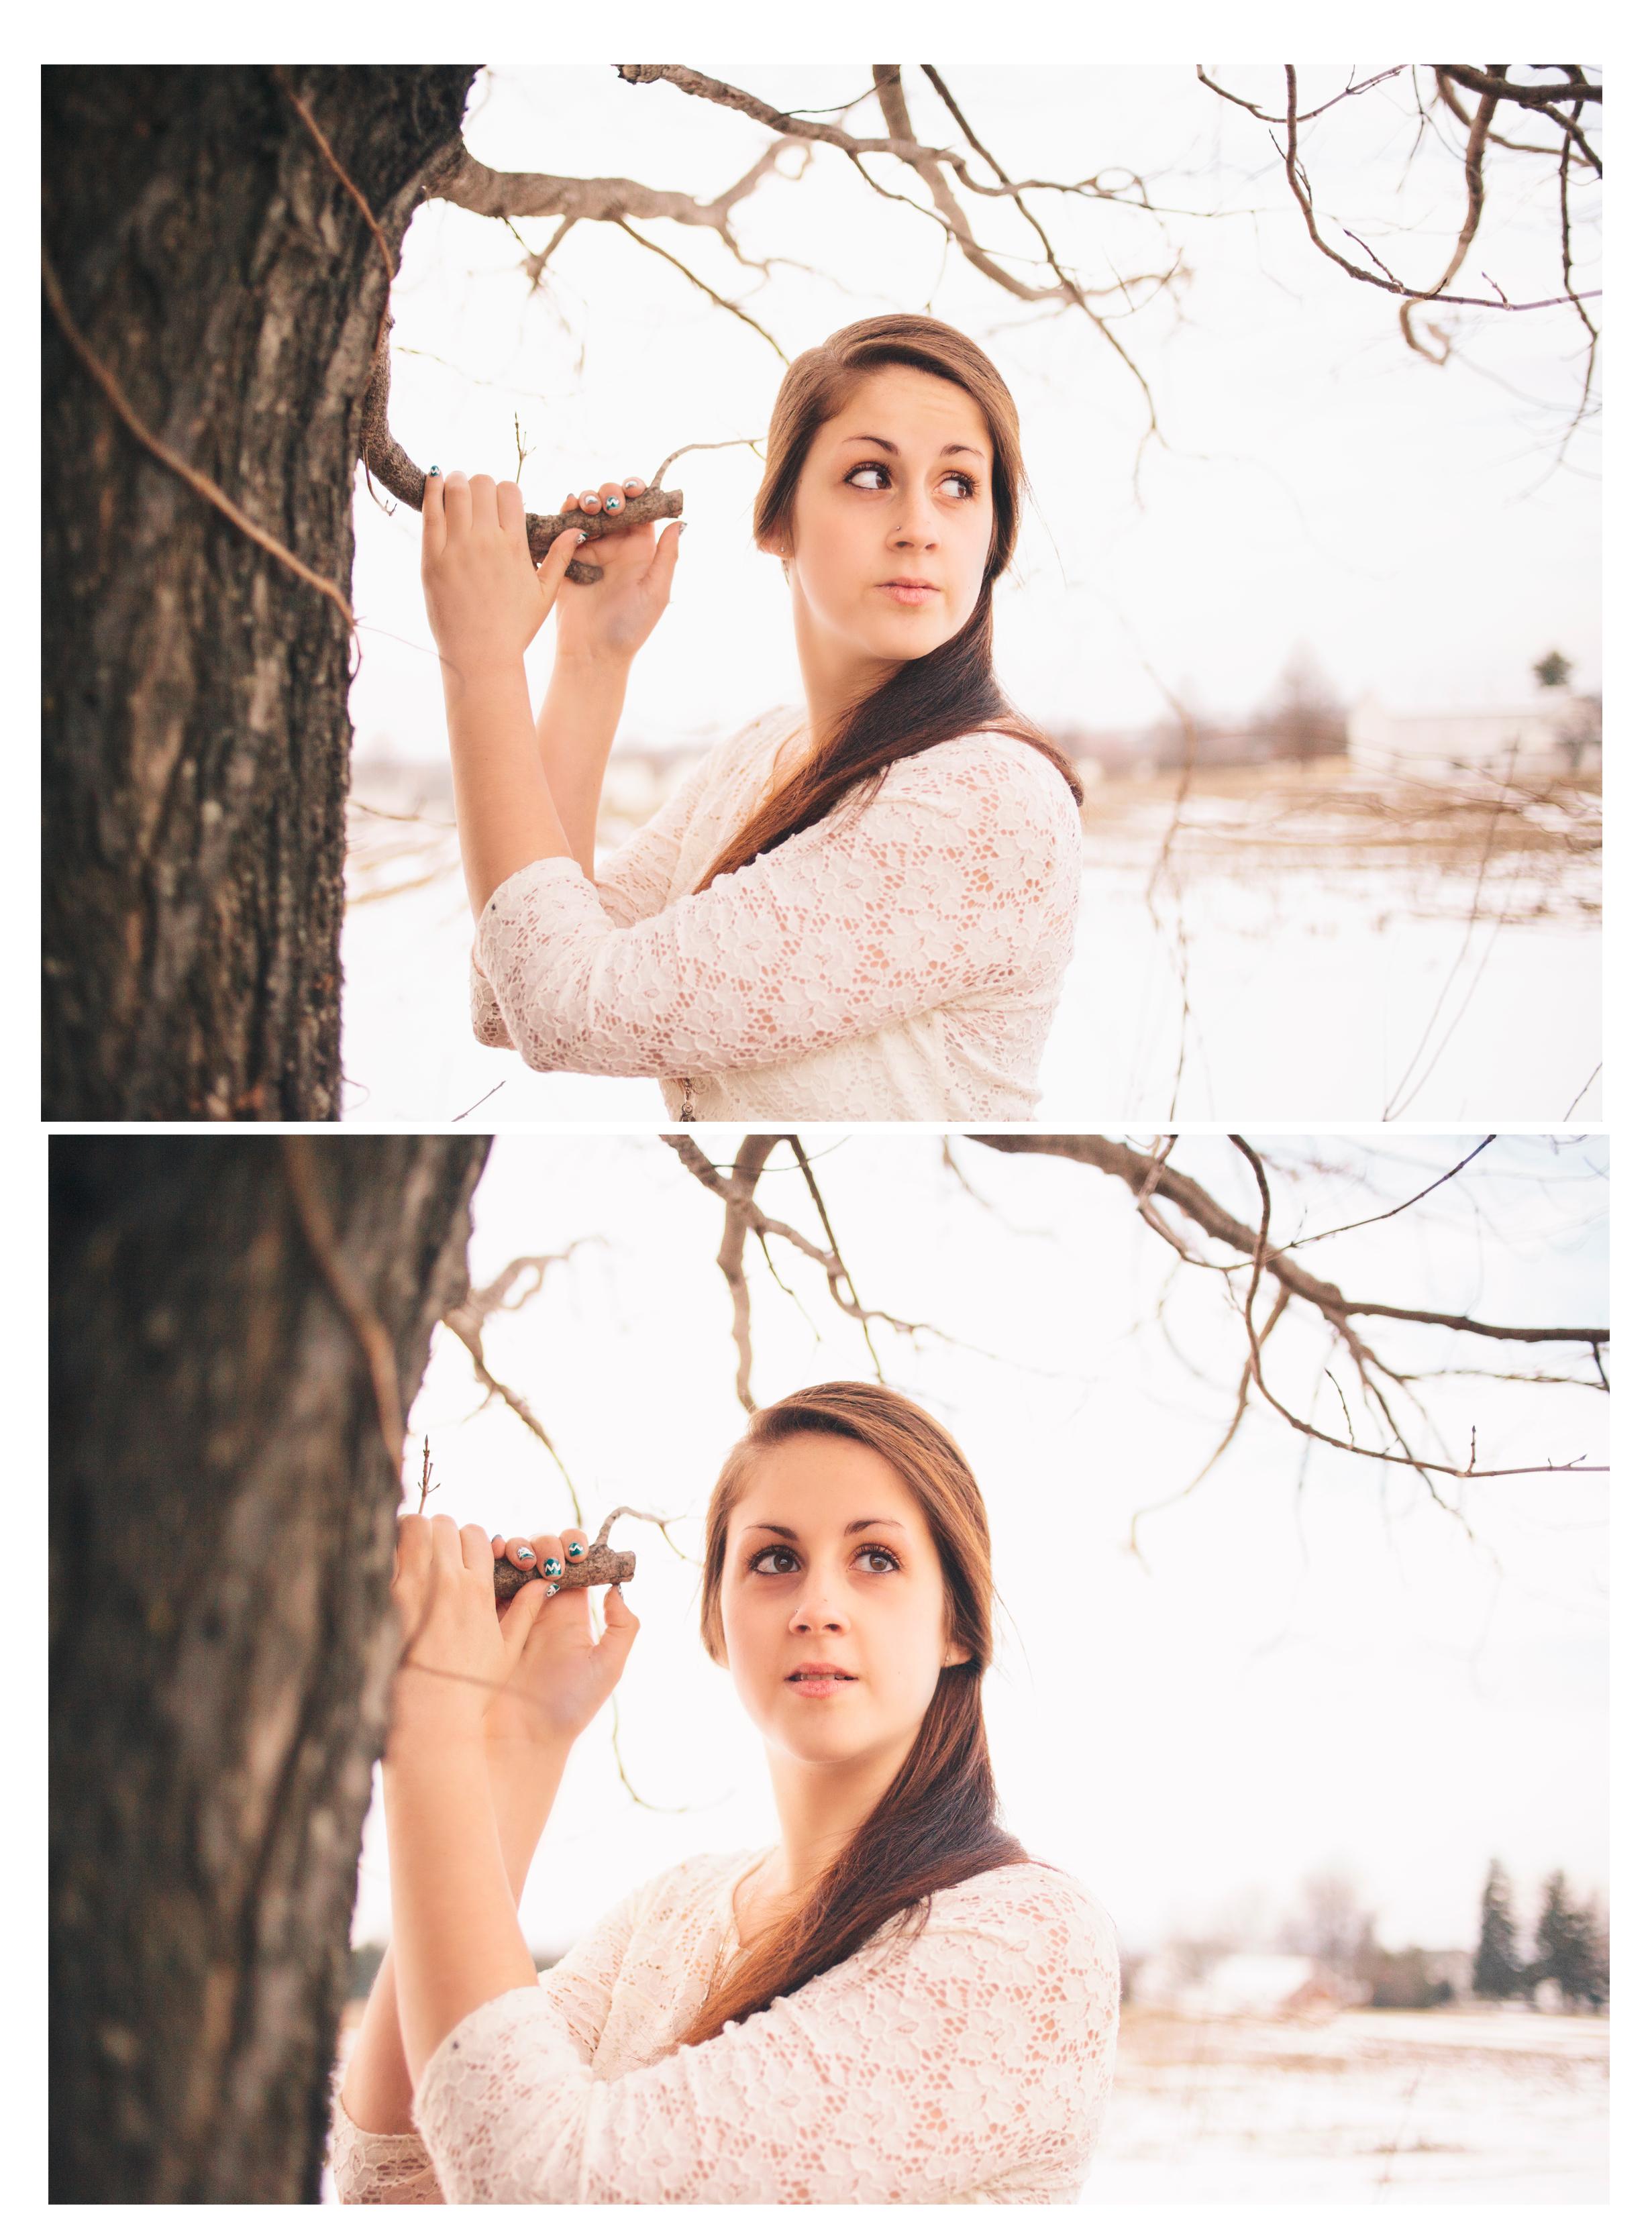 rebekah viola photography